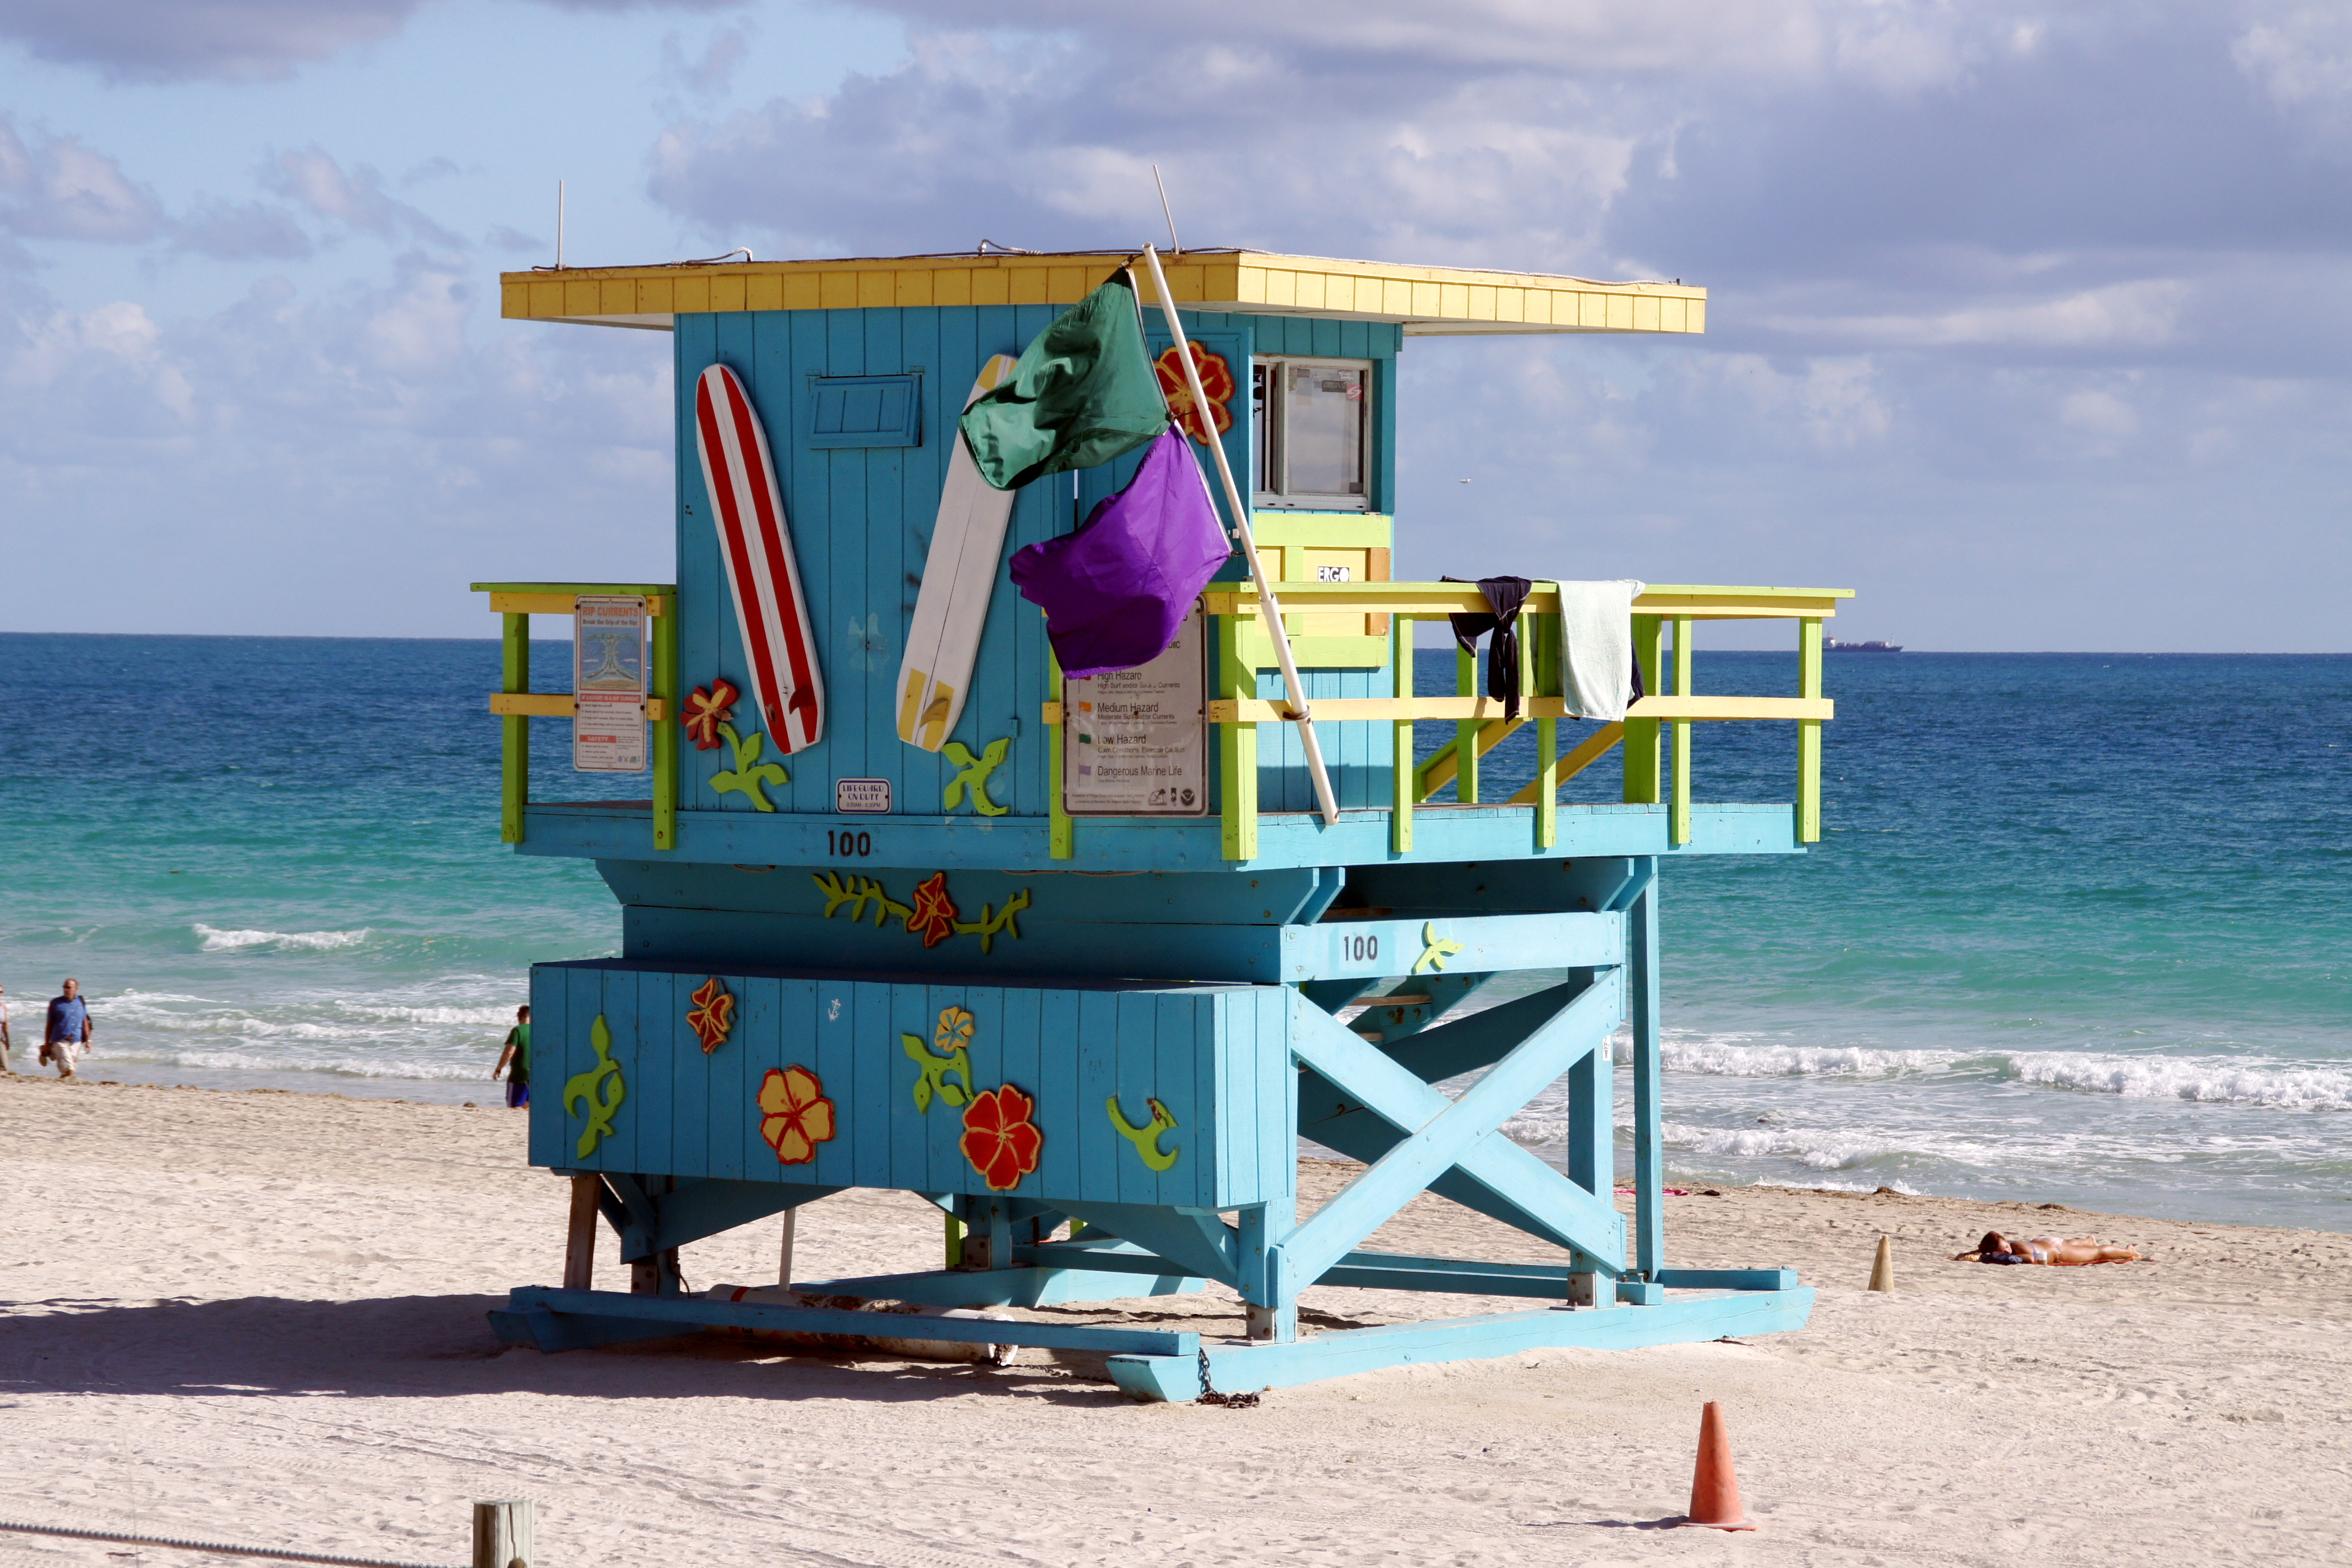 FL - Lifeguard